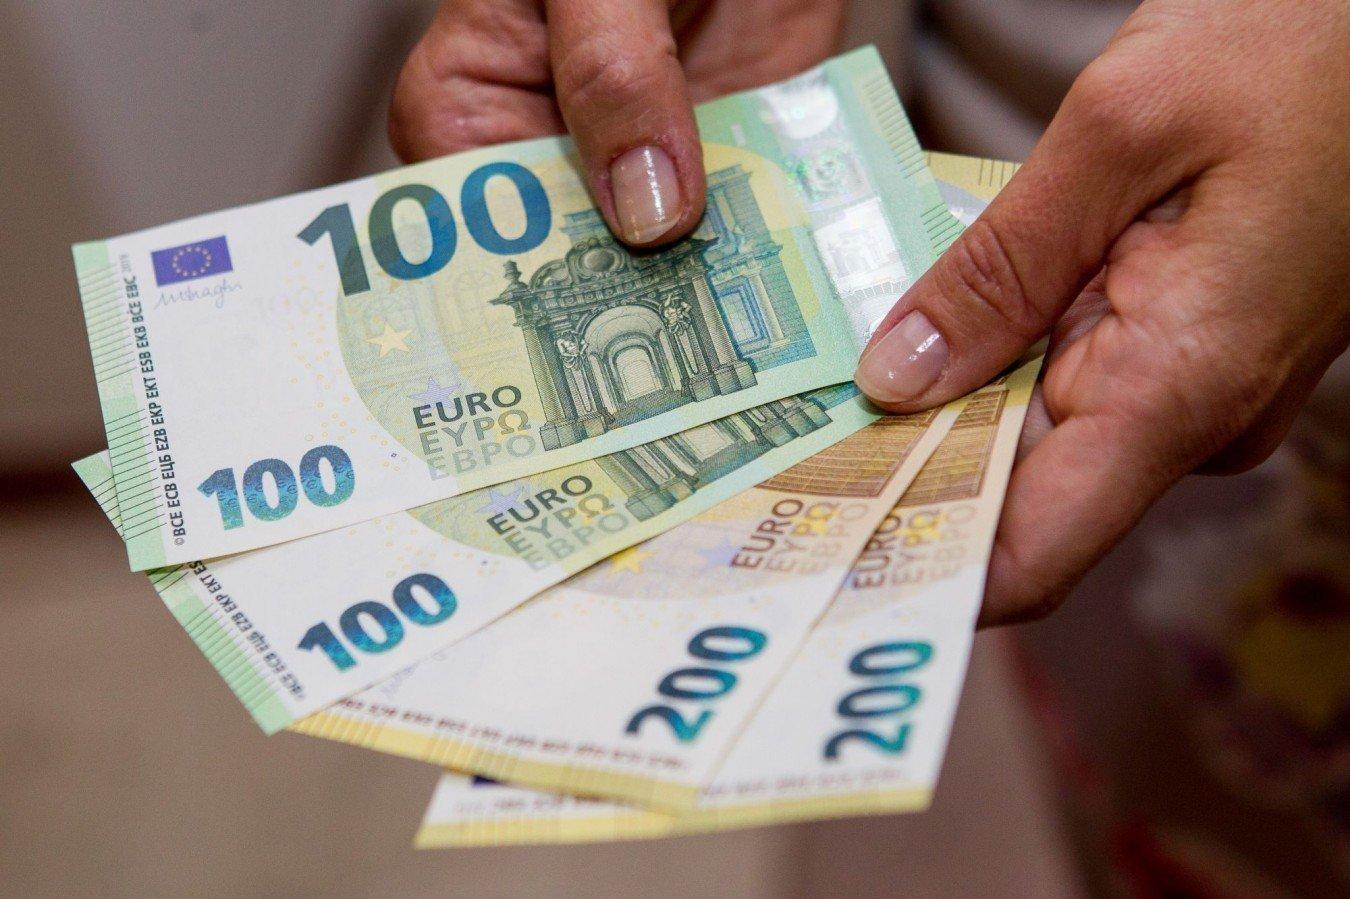 Получить компенсацию в евро